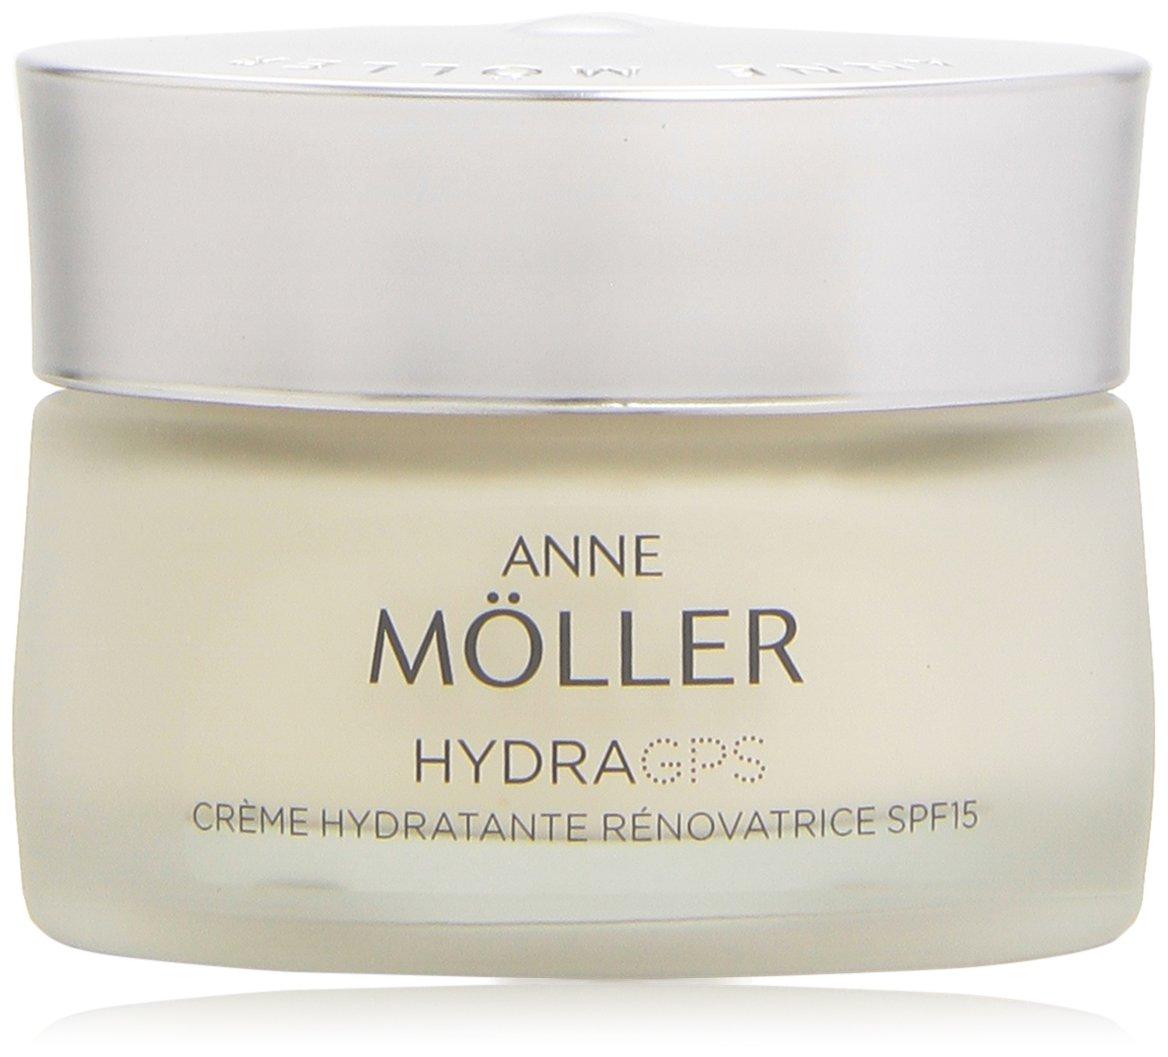 Anne Möller - HydraGPS - Crema hidratante renovadora, factor de protección solar 15-50 ml 8423986020343 42731_-50 ml